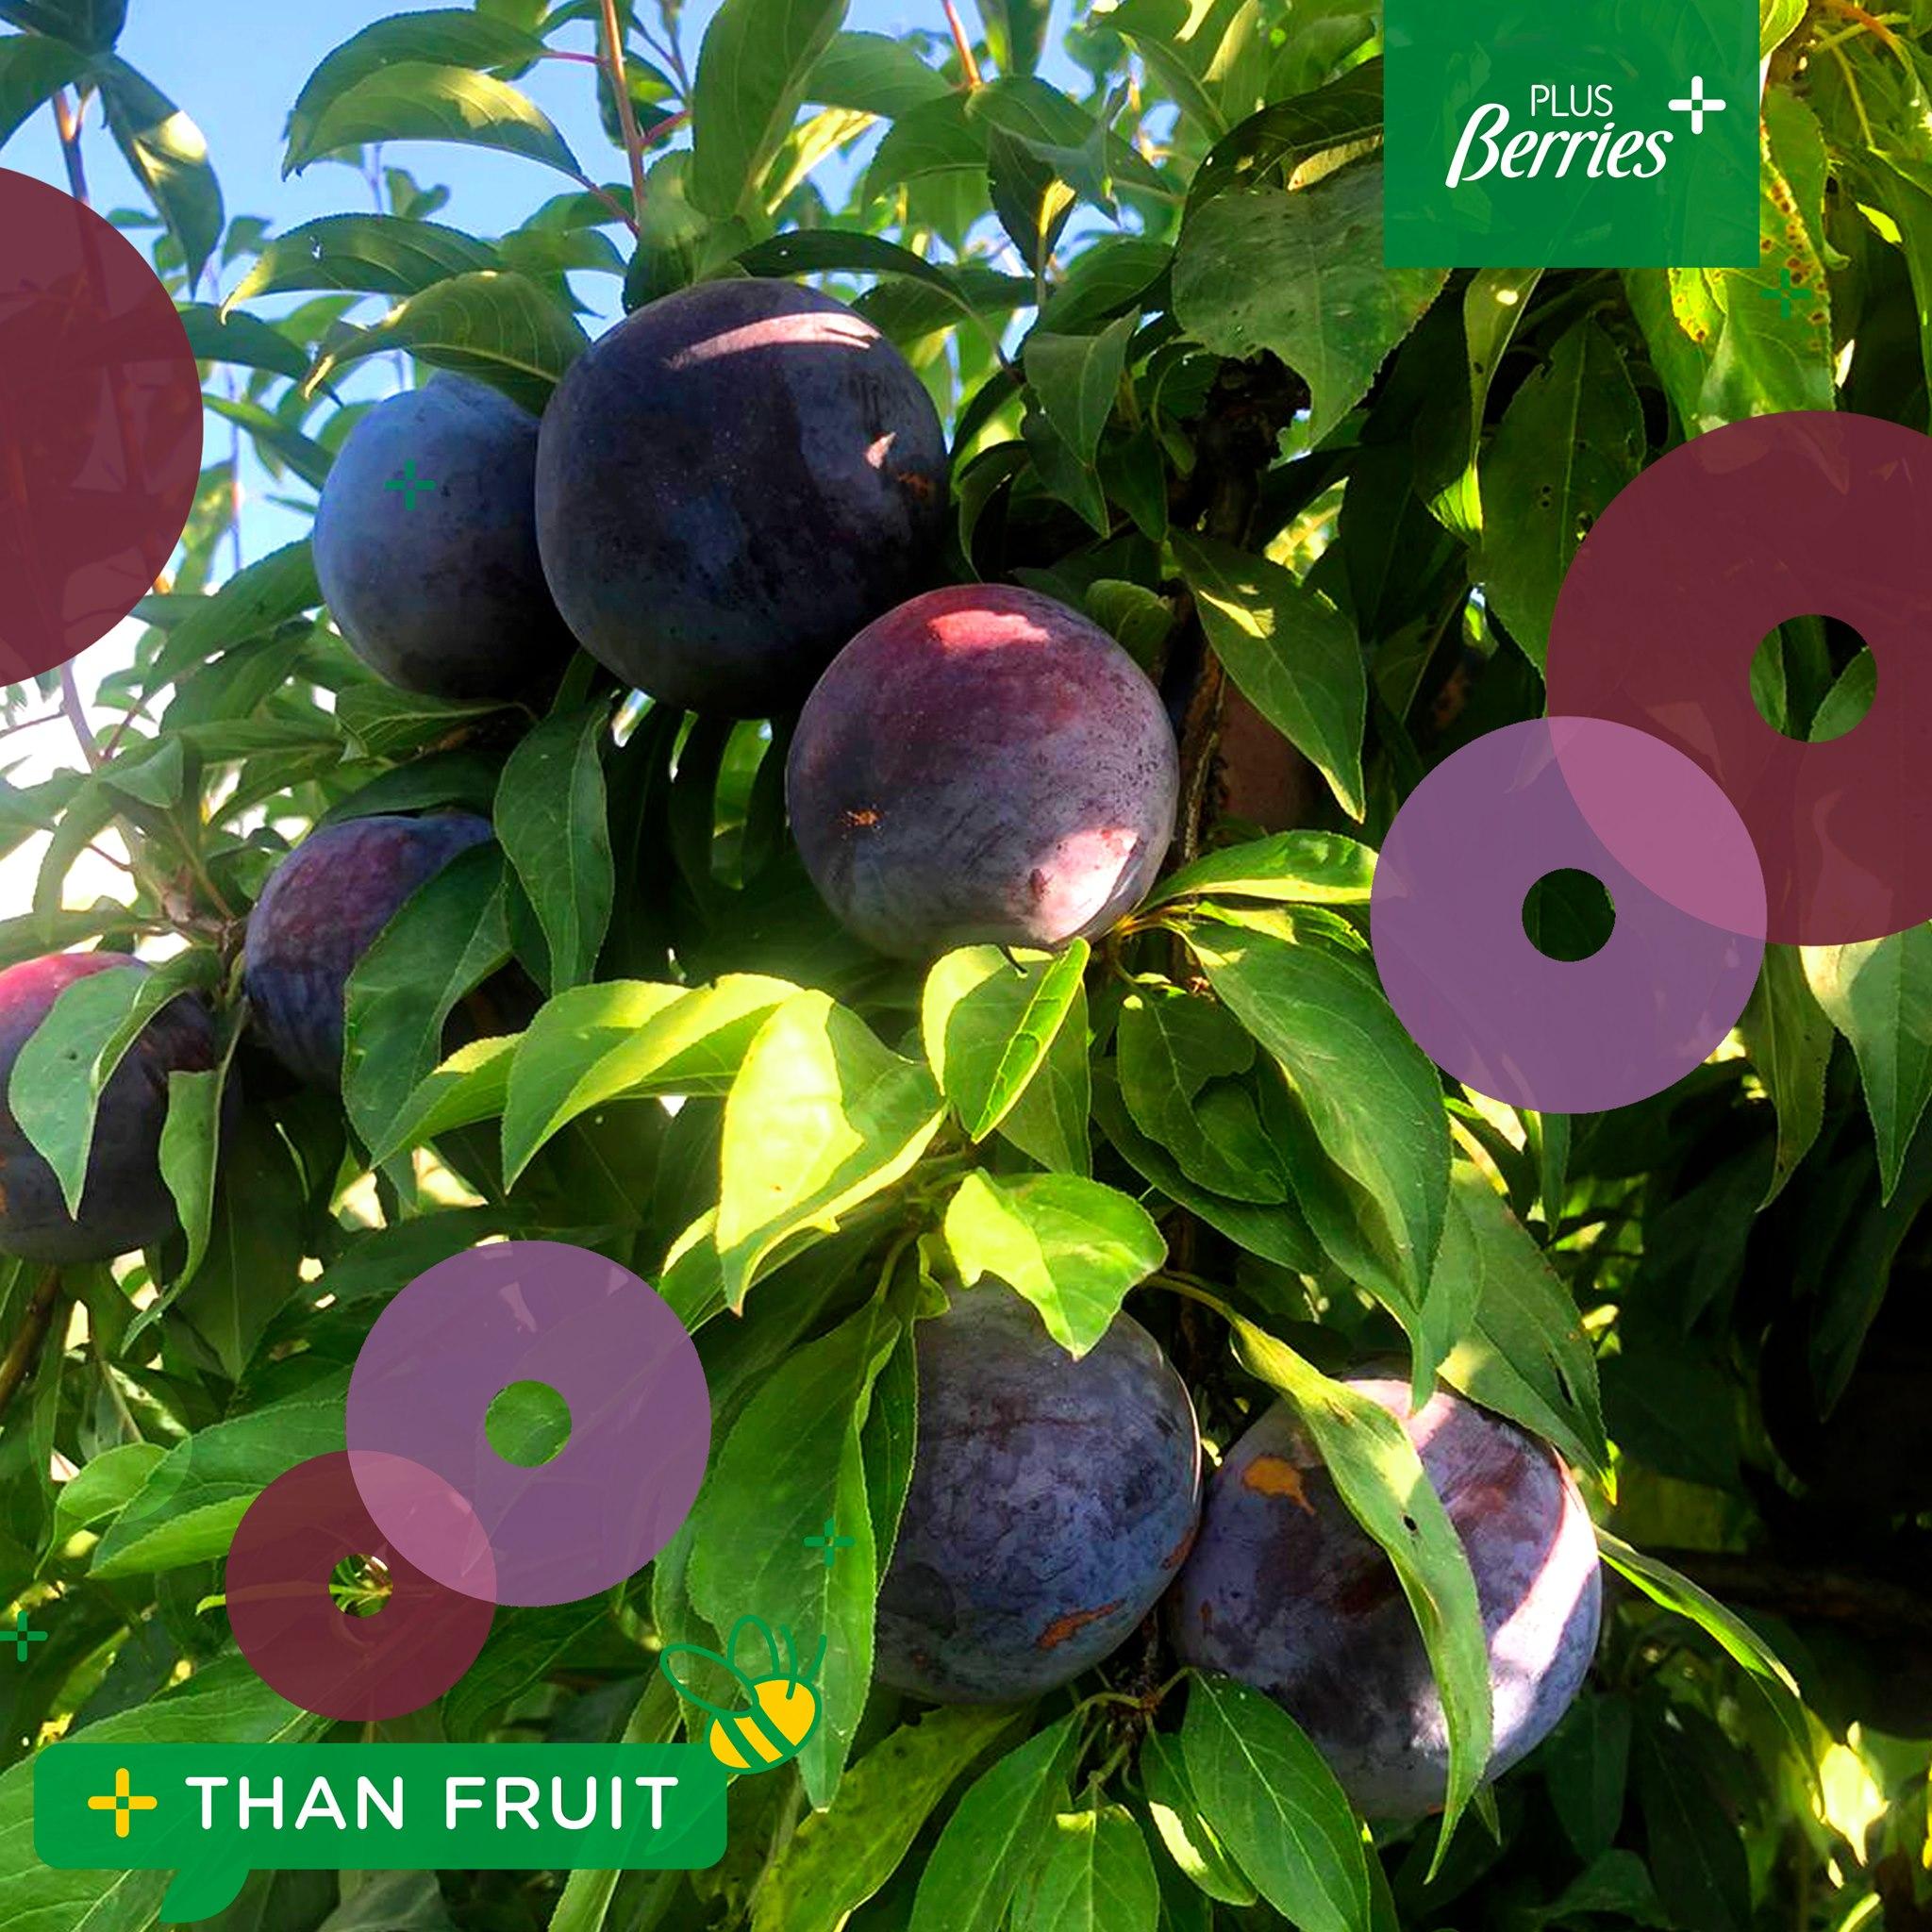 ¡Comienza la campaña de ciruelas de Plus Berries!